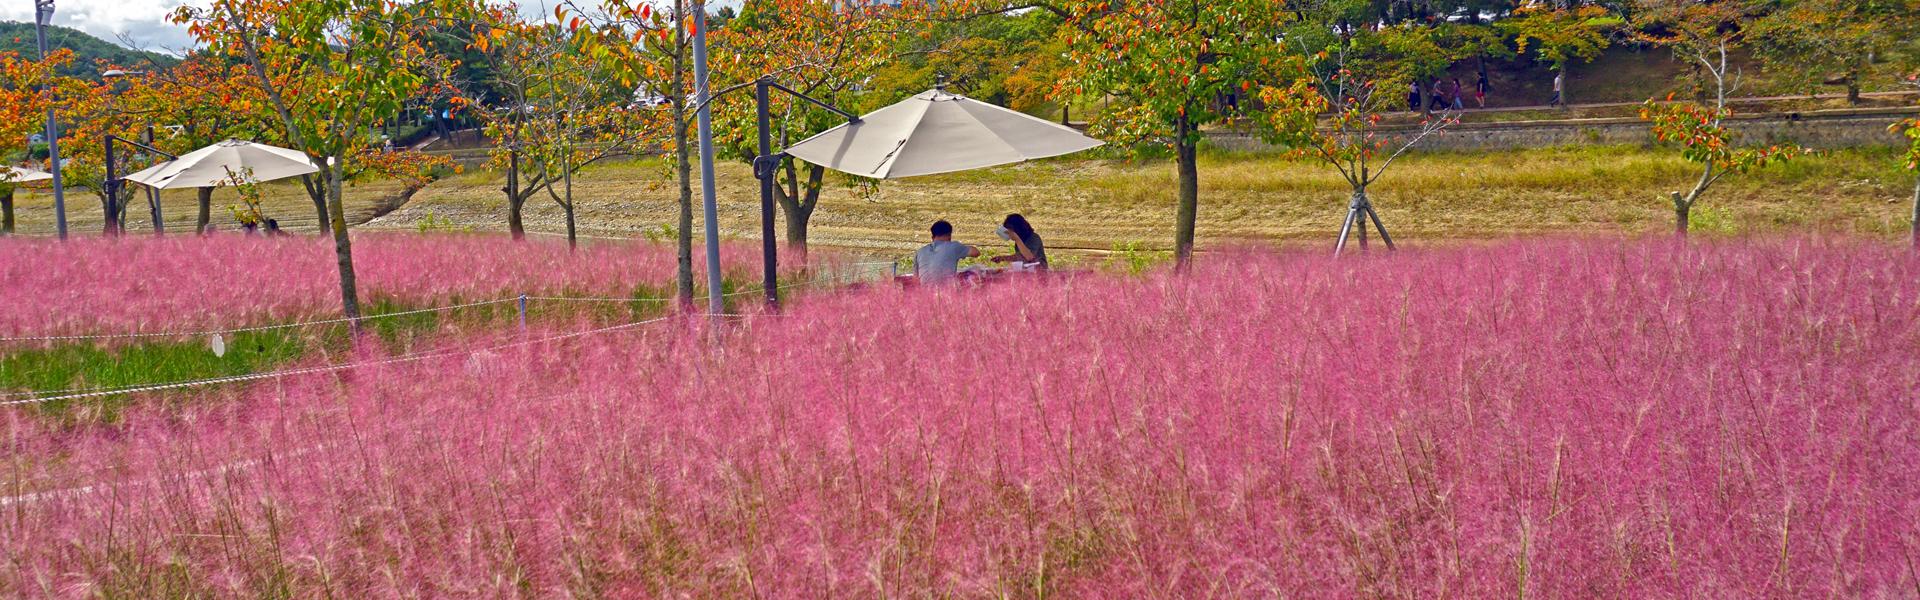 보문관광단지 사랑공원 핑크뮬리 절경